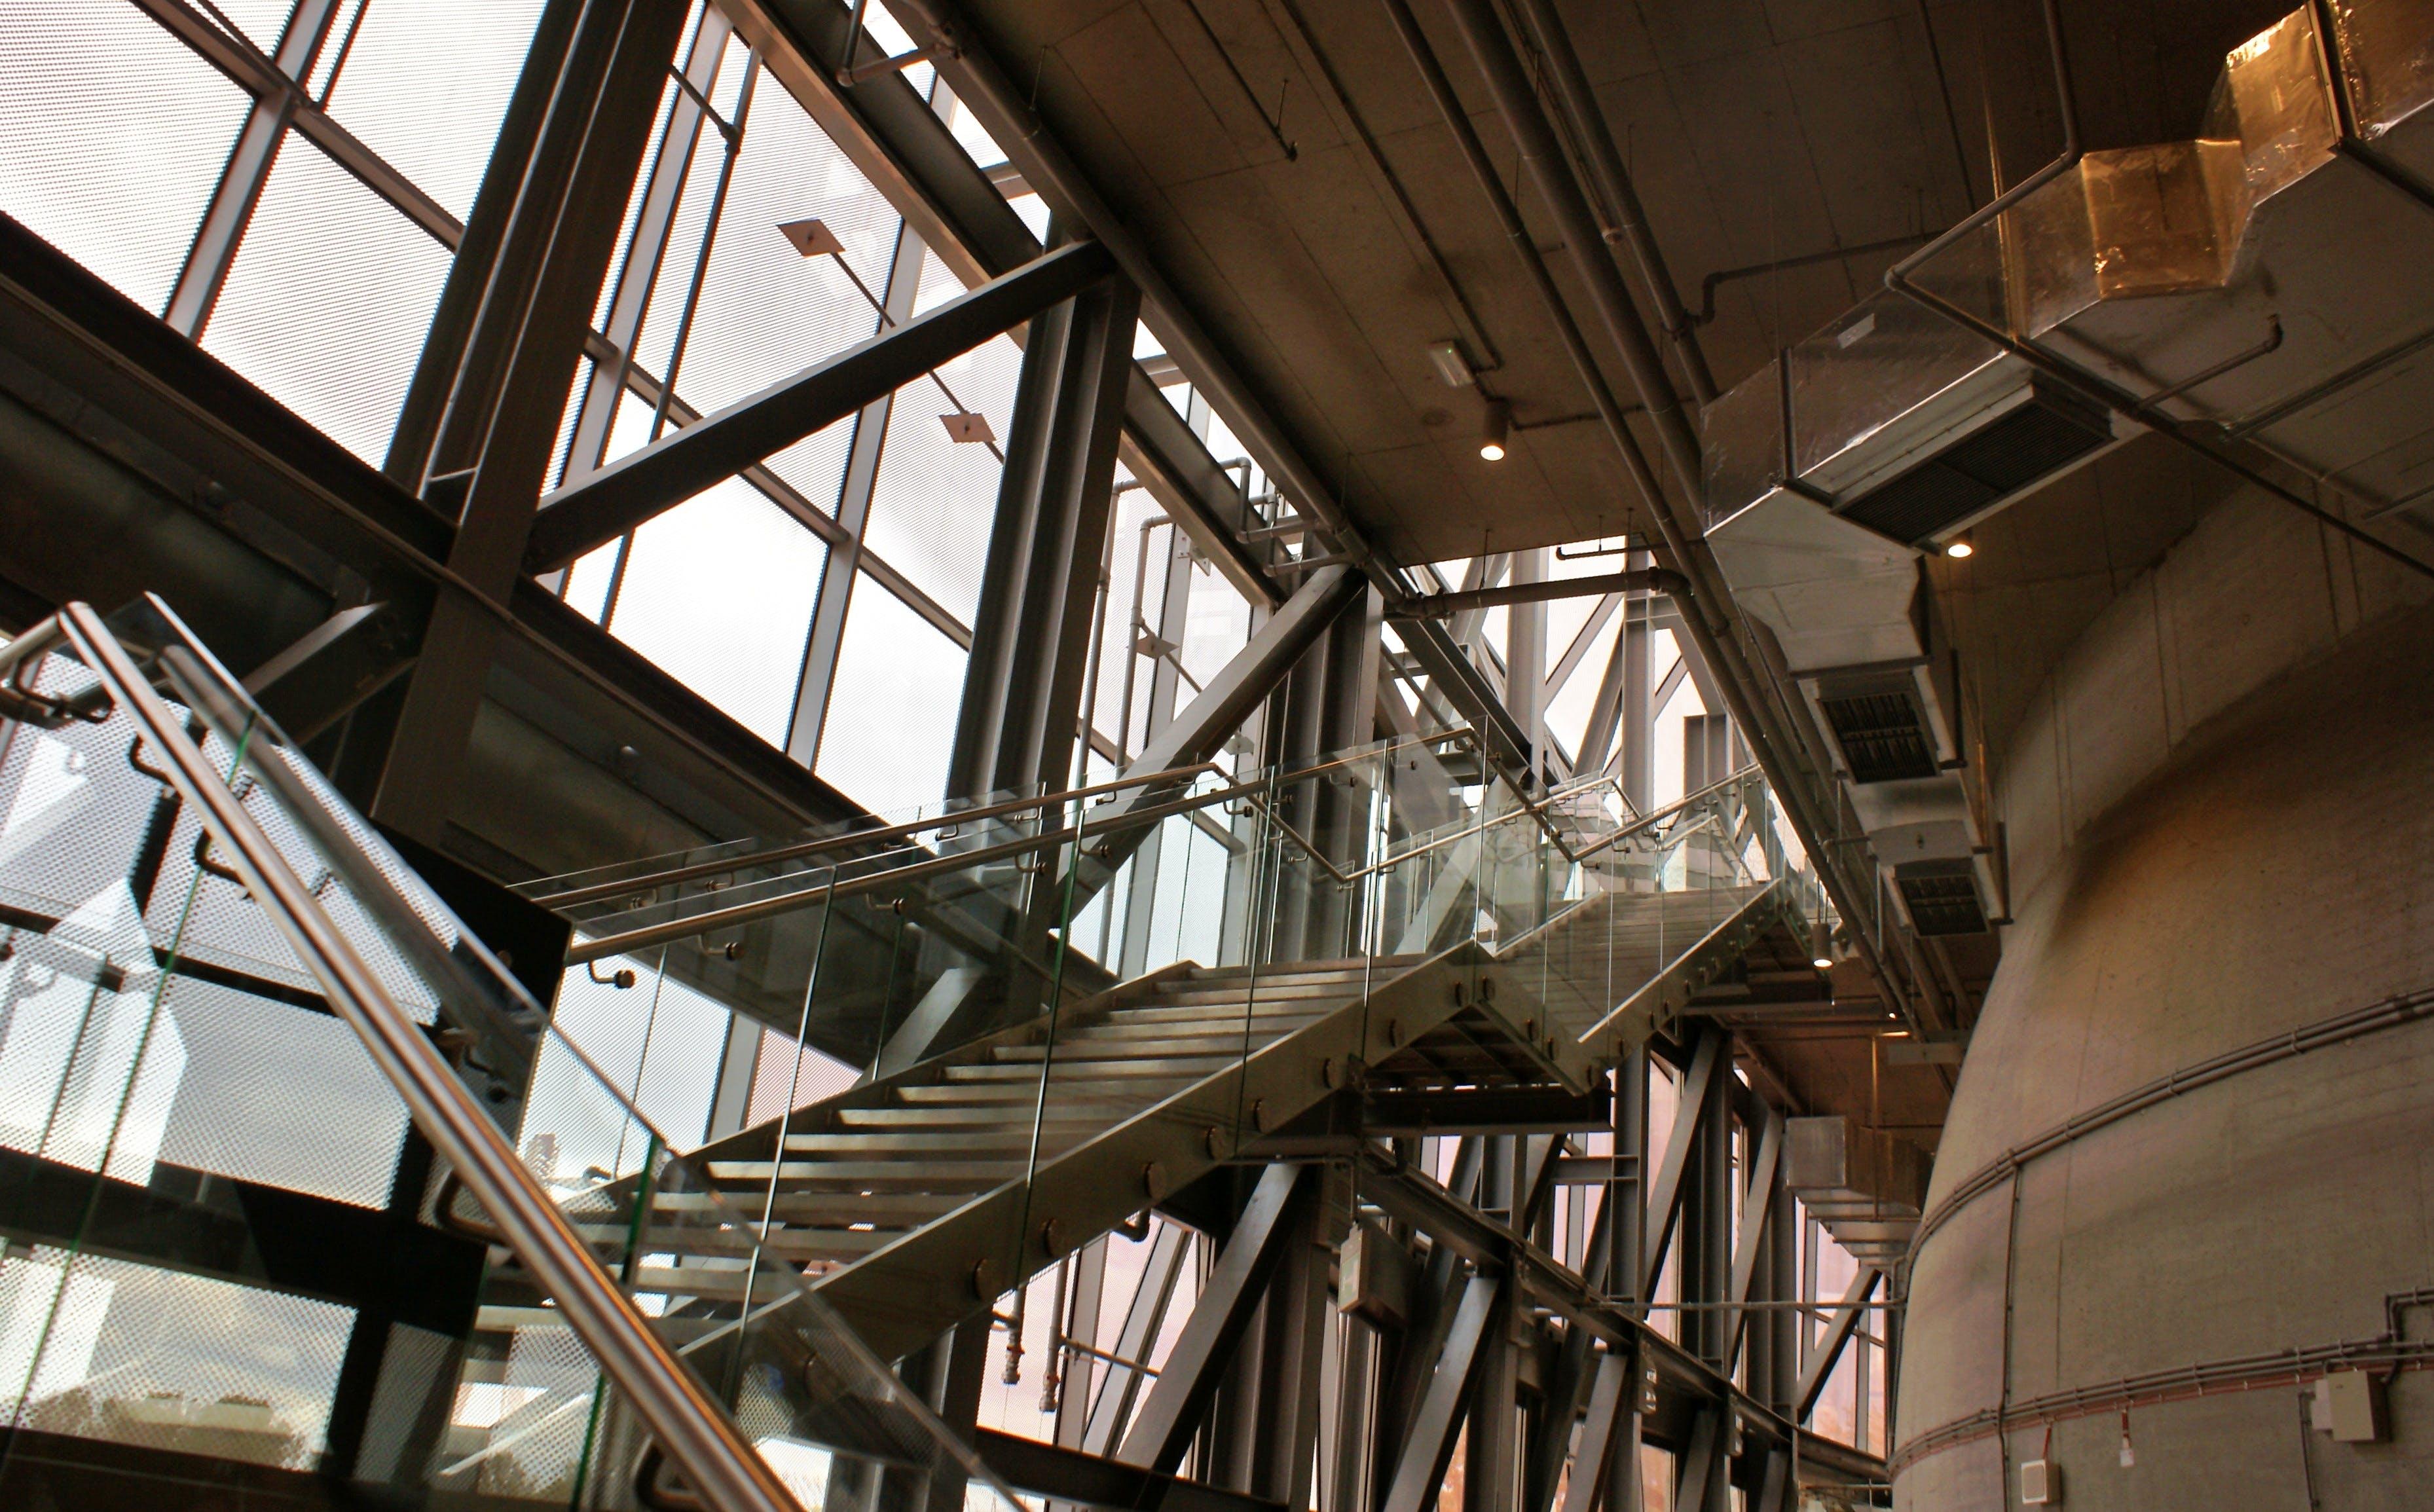 zu architektur, aufnahme von unten, ausdruck, bau